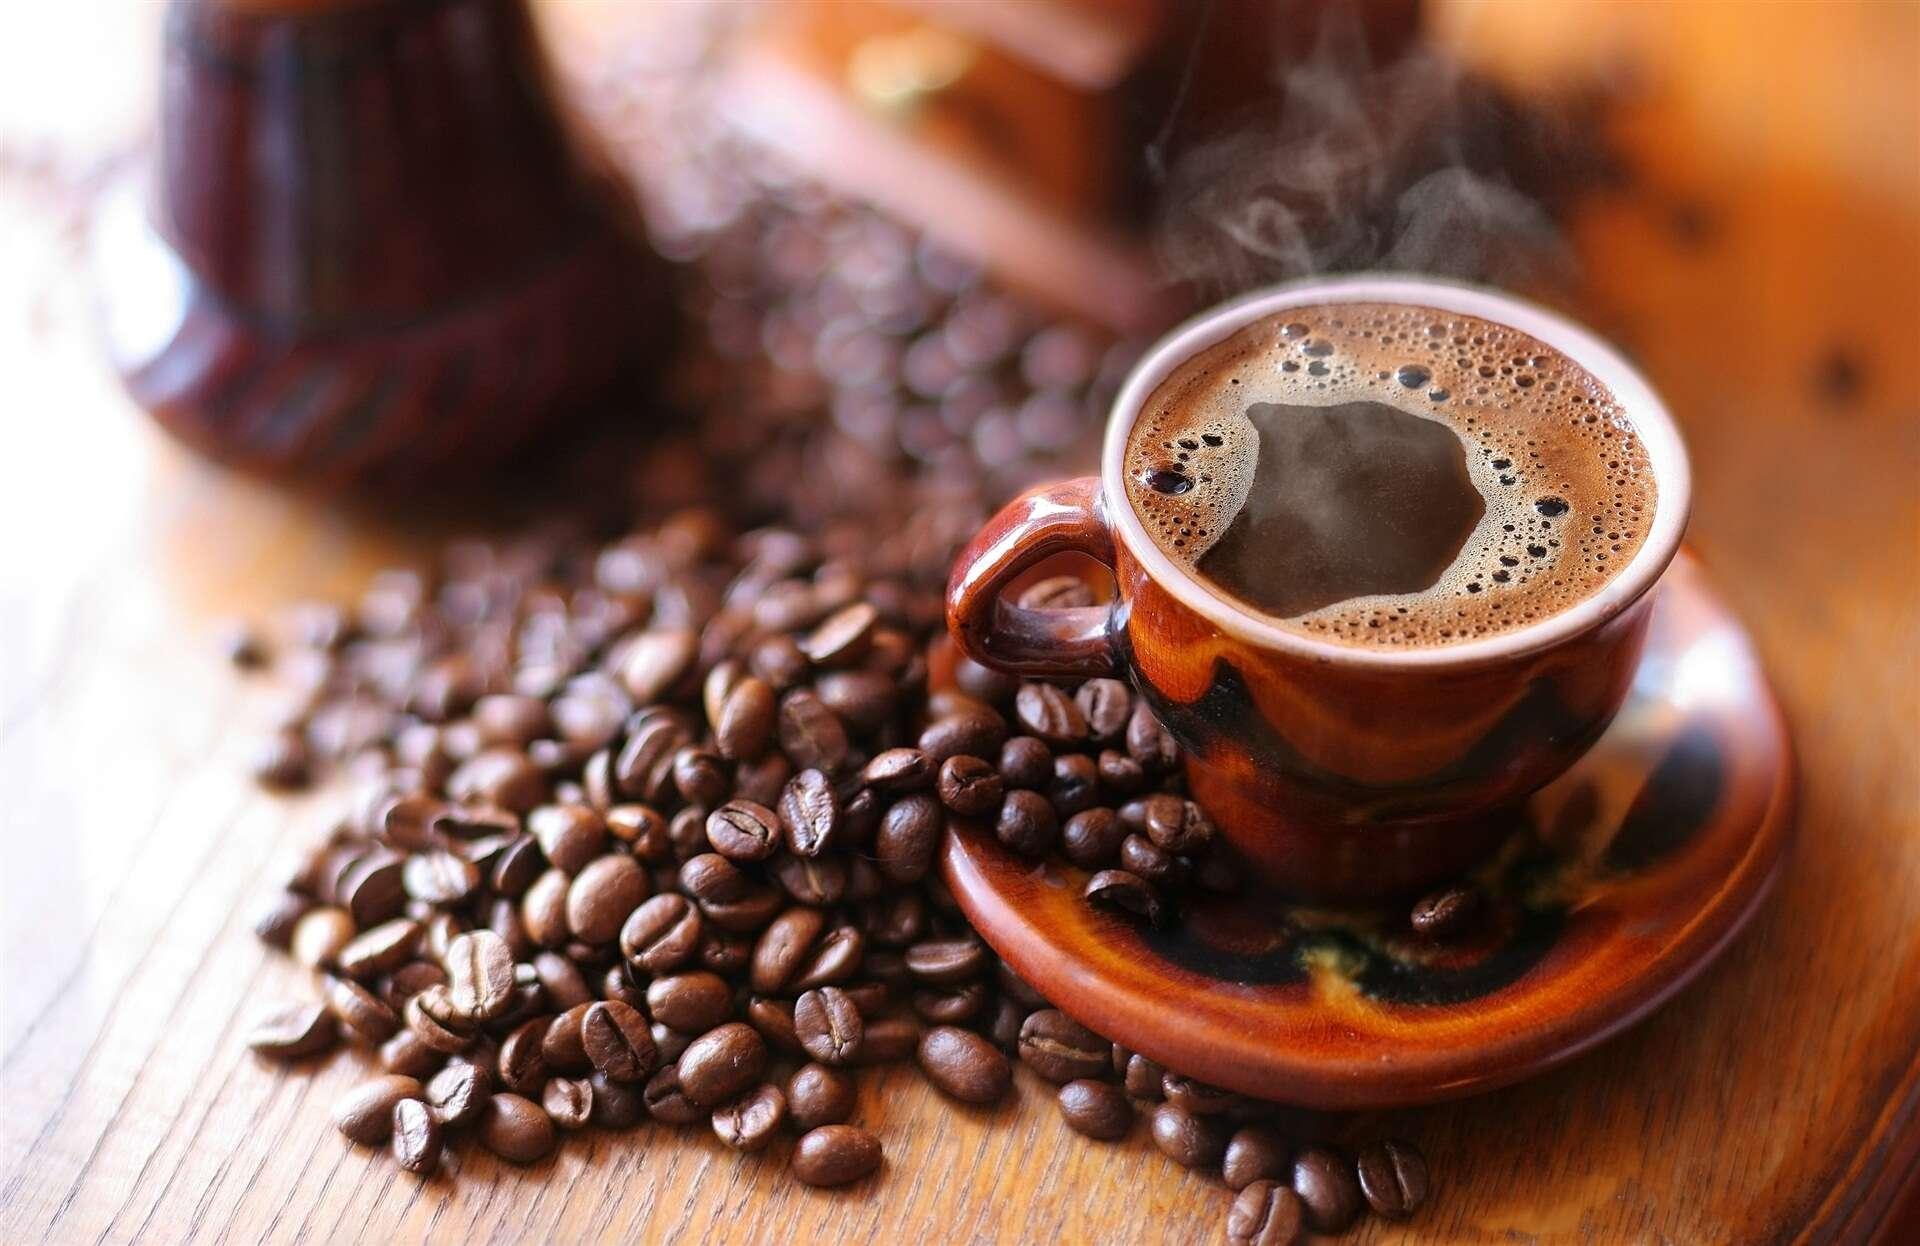 Proteína de café que possui efeito semelhante ao da morfina é encontrada por pesquisadores